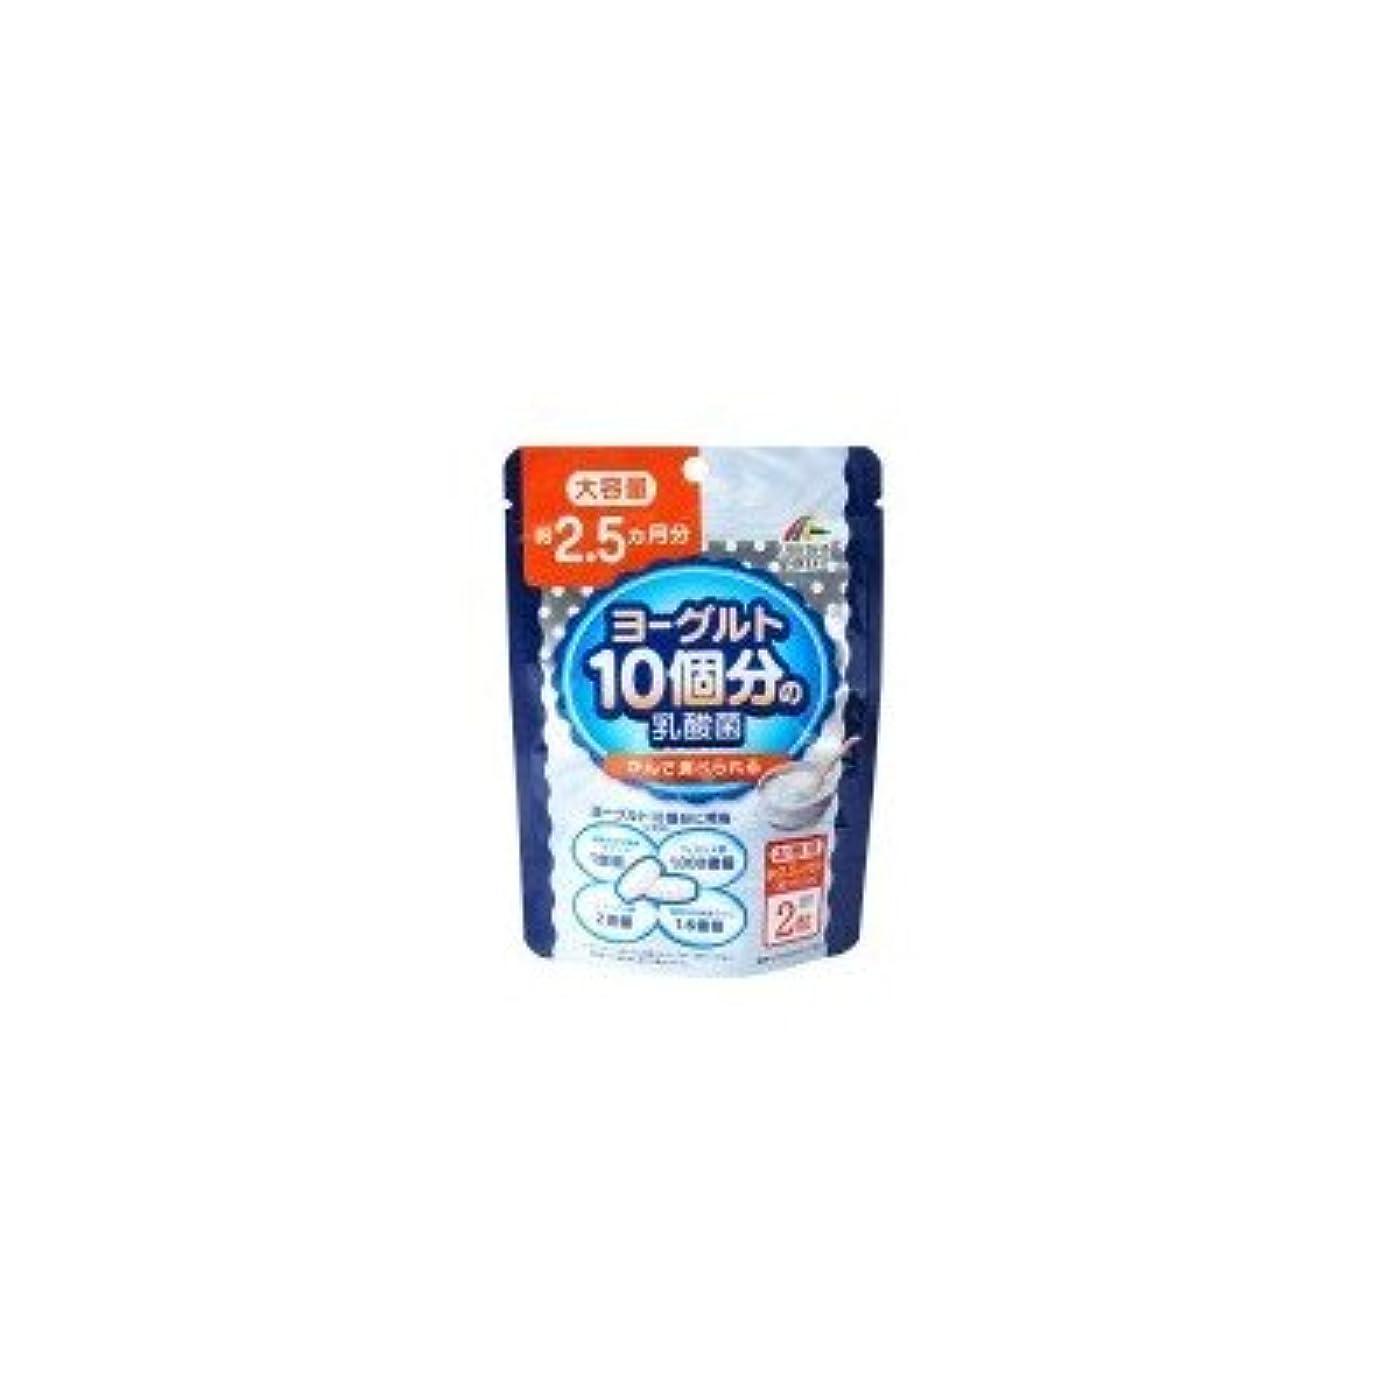 ヨーグルト10個分の乳酸菌 大容量 30.8g(200mg×154粒)